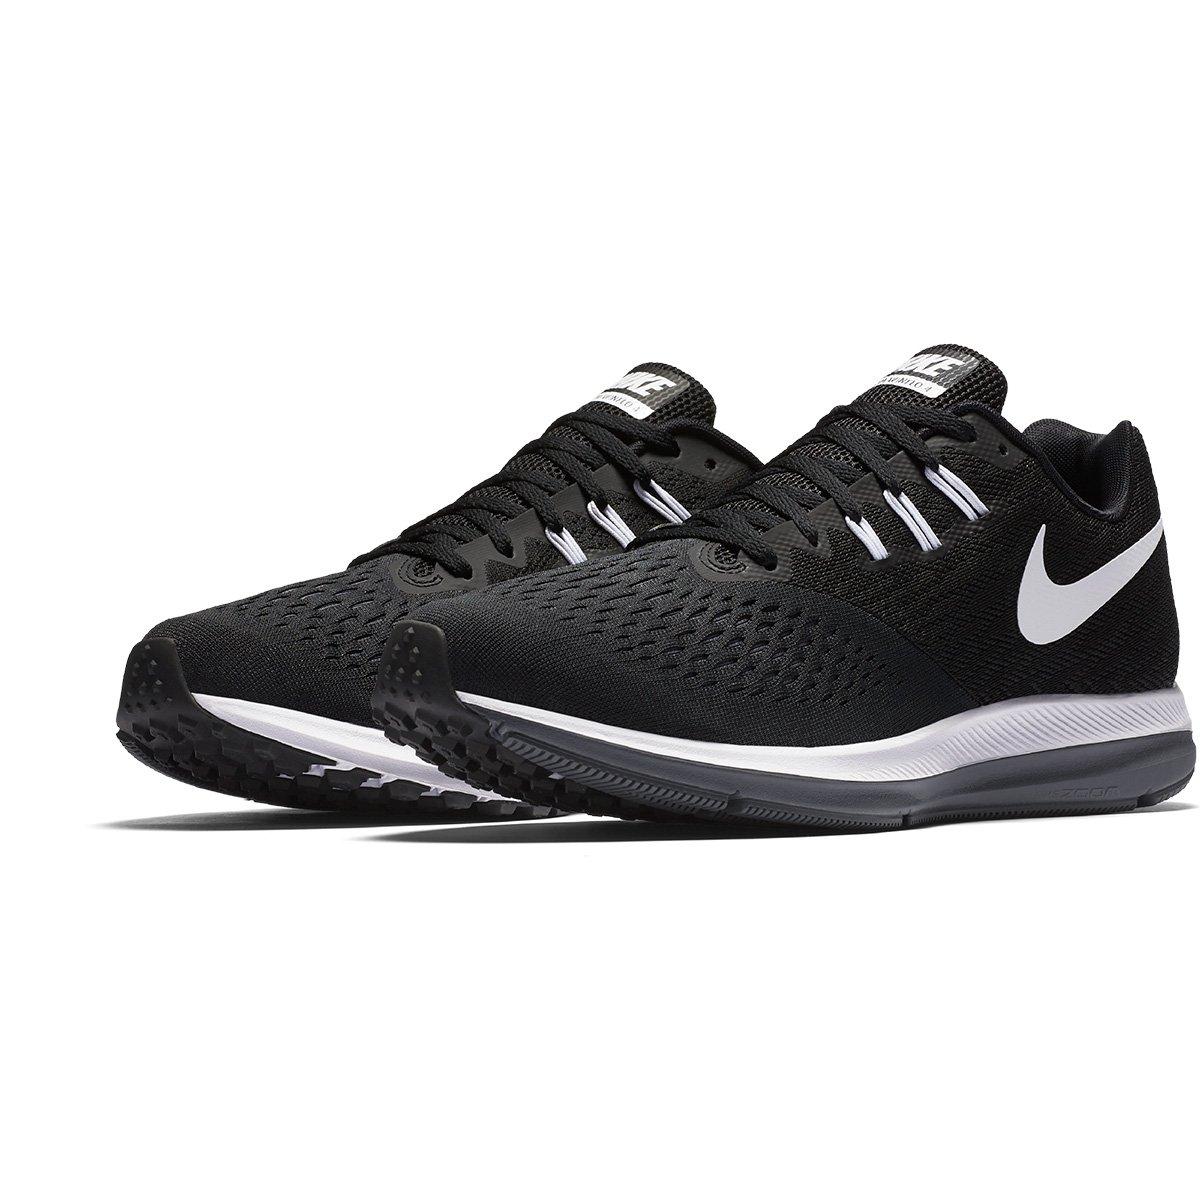 8b5f809c3e Tênis Nike Zoom Winflo 4 Masculino - Preto e Branco - Compre Agora ...